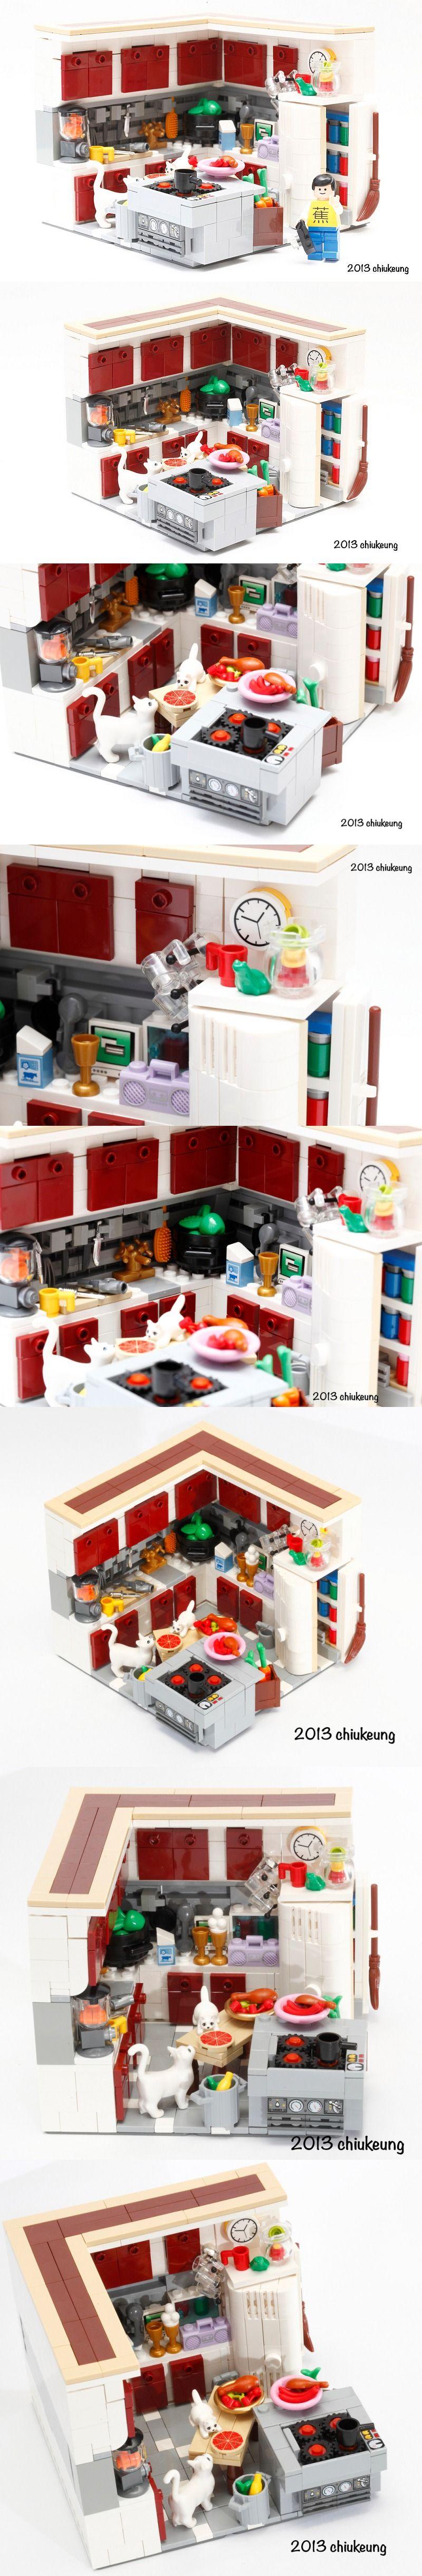 Design My Dream Kitchen My Dream Kitchen Lego Kitchen Lego Architecture Buildings